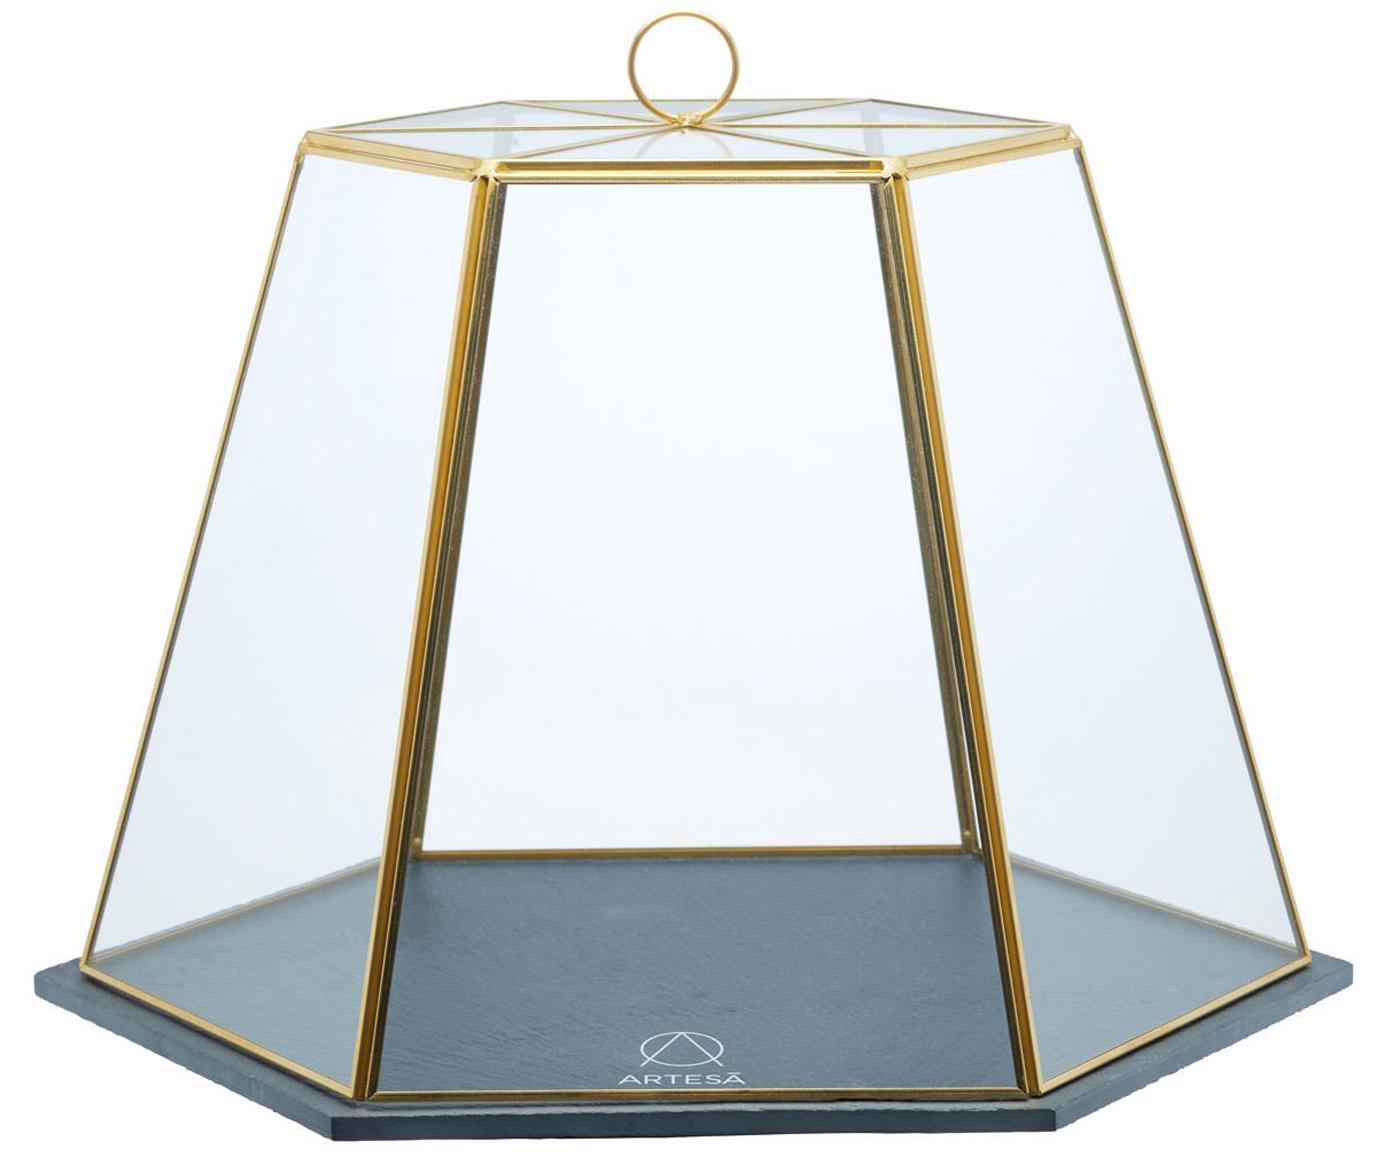 Cloche da portata in vetro Artesa, Ardesia, vetro, metallo, Dorato, trasparente, nero, Larg. 31 x Alt. 25 cm